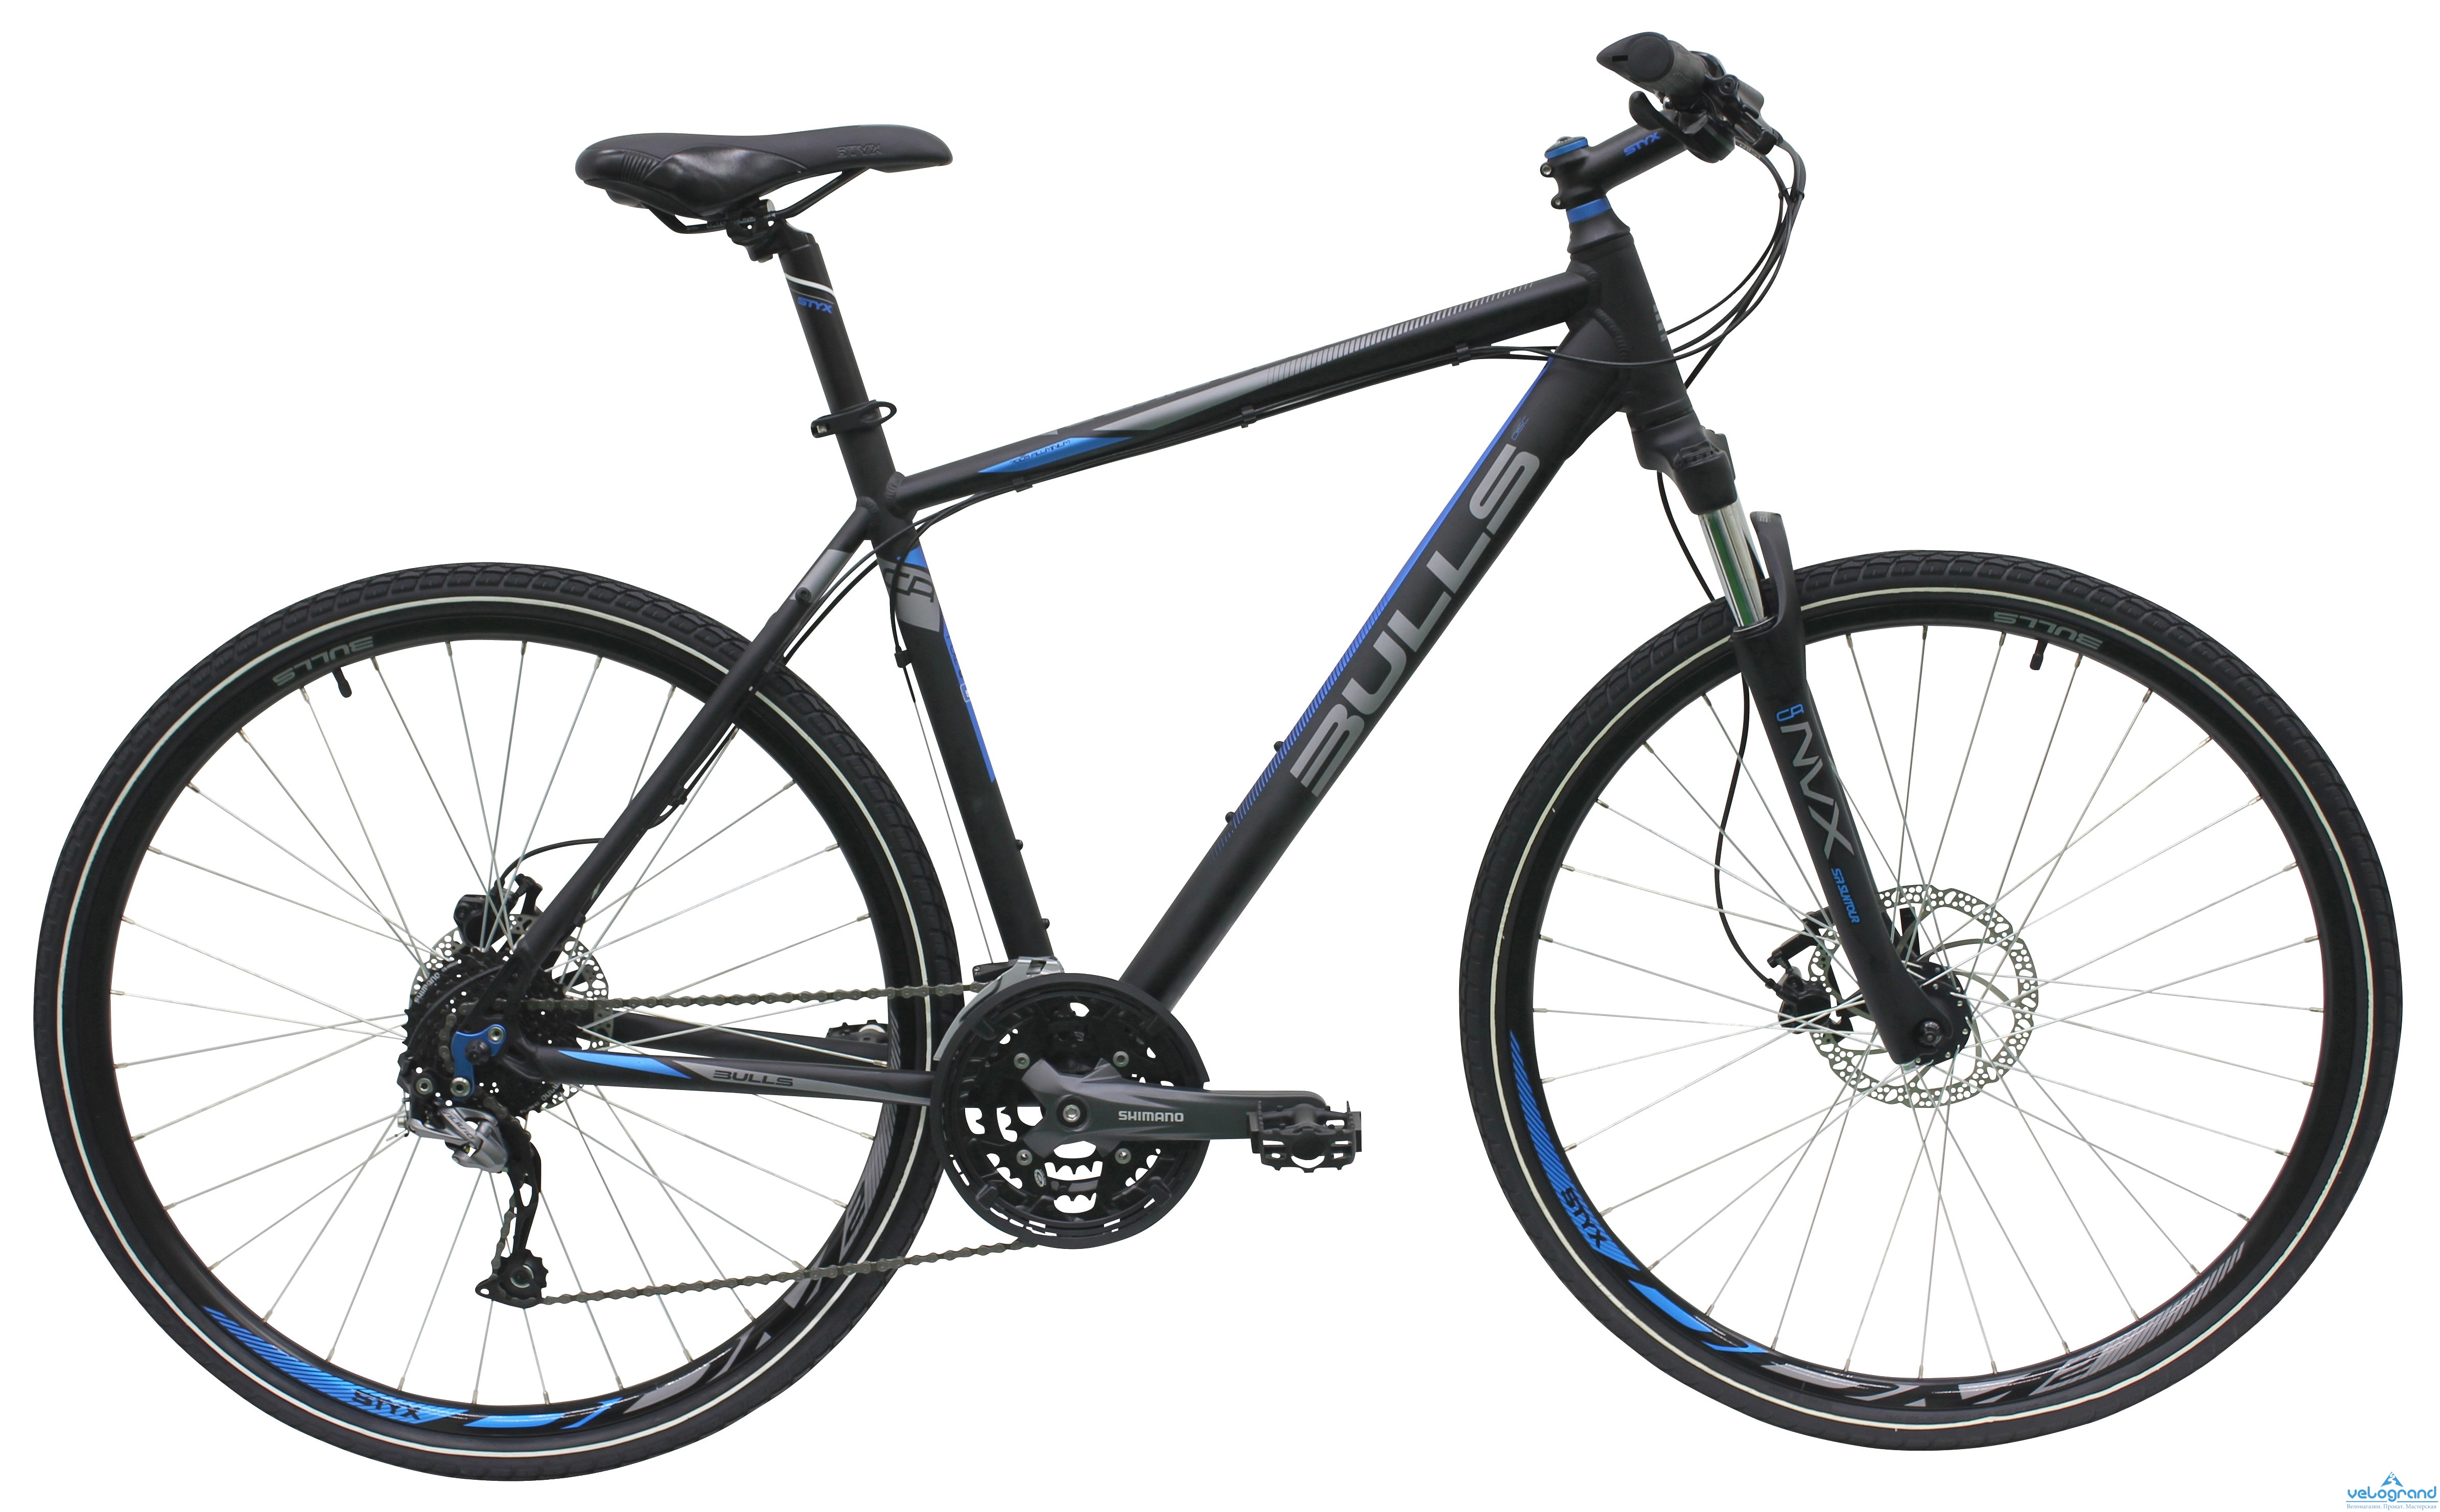 Городской велосипед Bulls Cross Bike 2 (2016), Цвет Черный, Размер 21